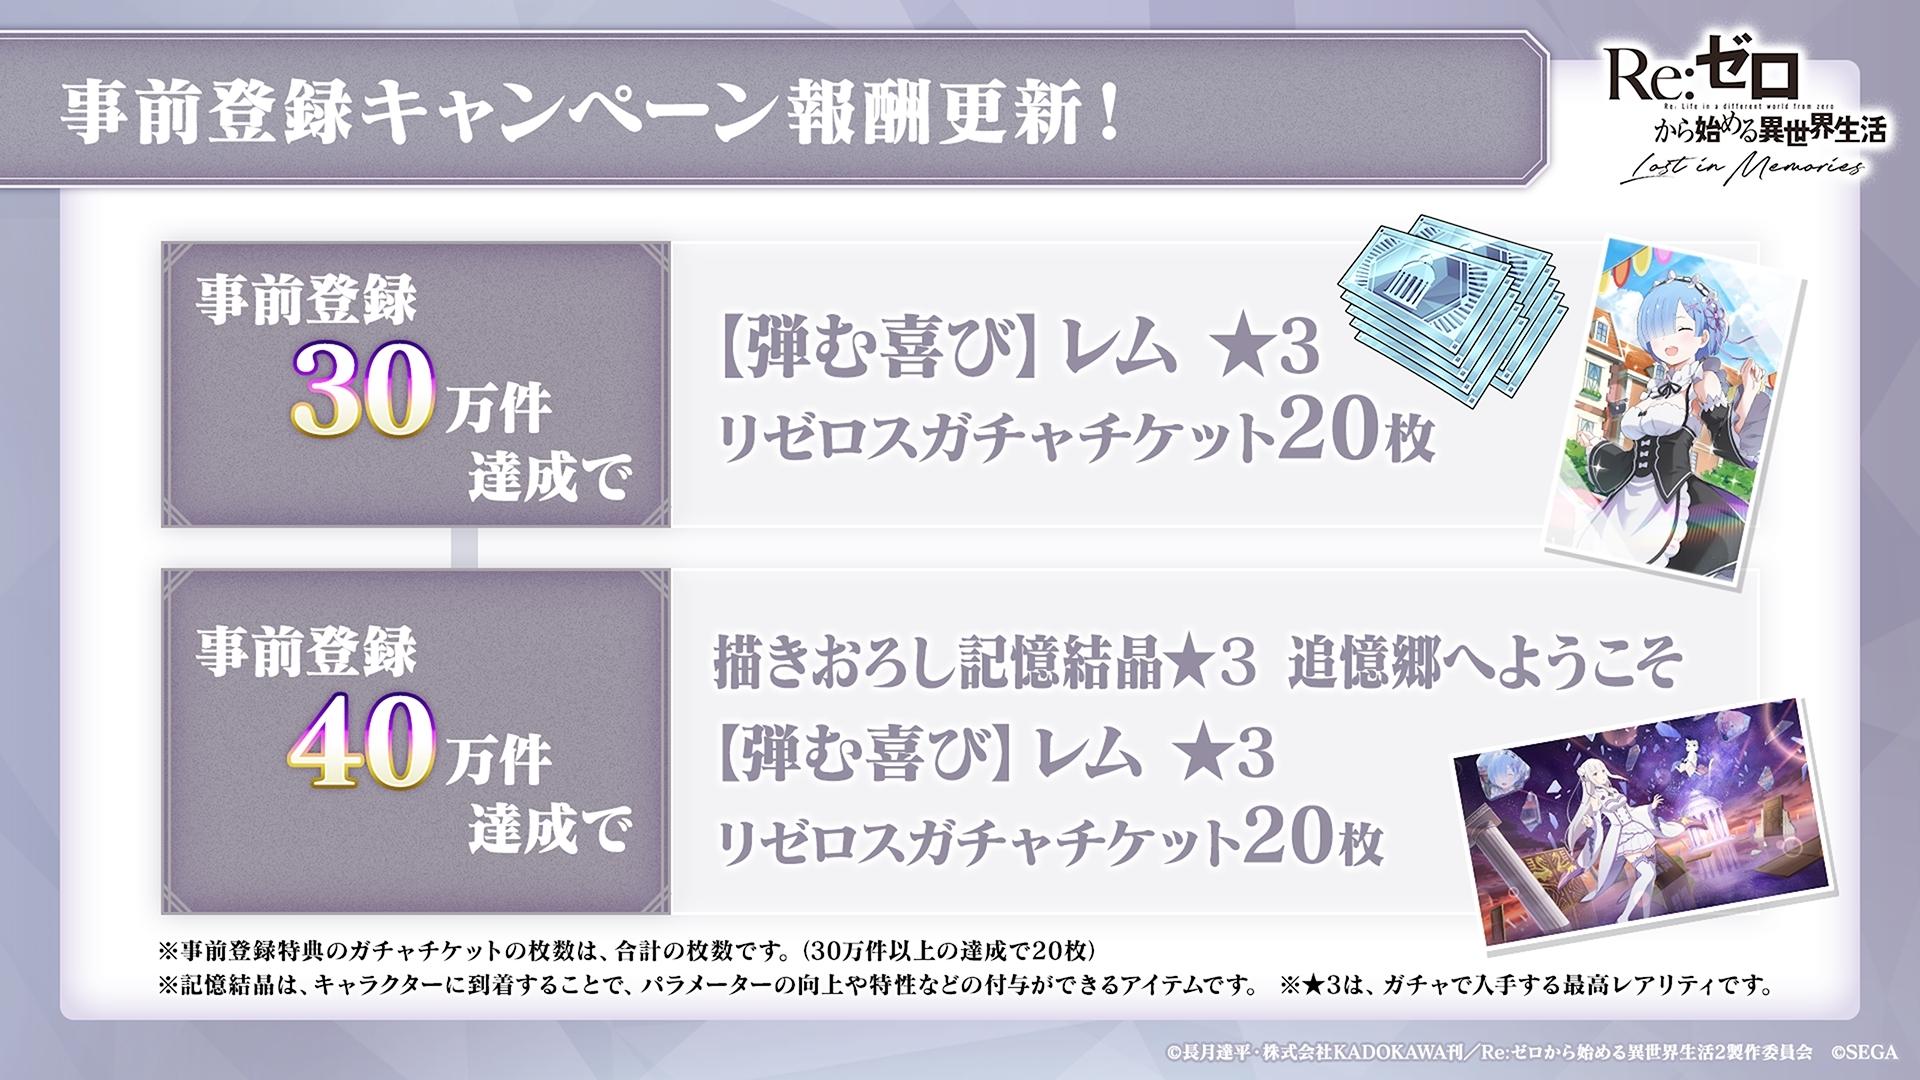 『Re:ゼロから始める異世界生活Lost in Memories』公式生放送「リゼロス通信」第2回の発表内容を速報!